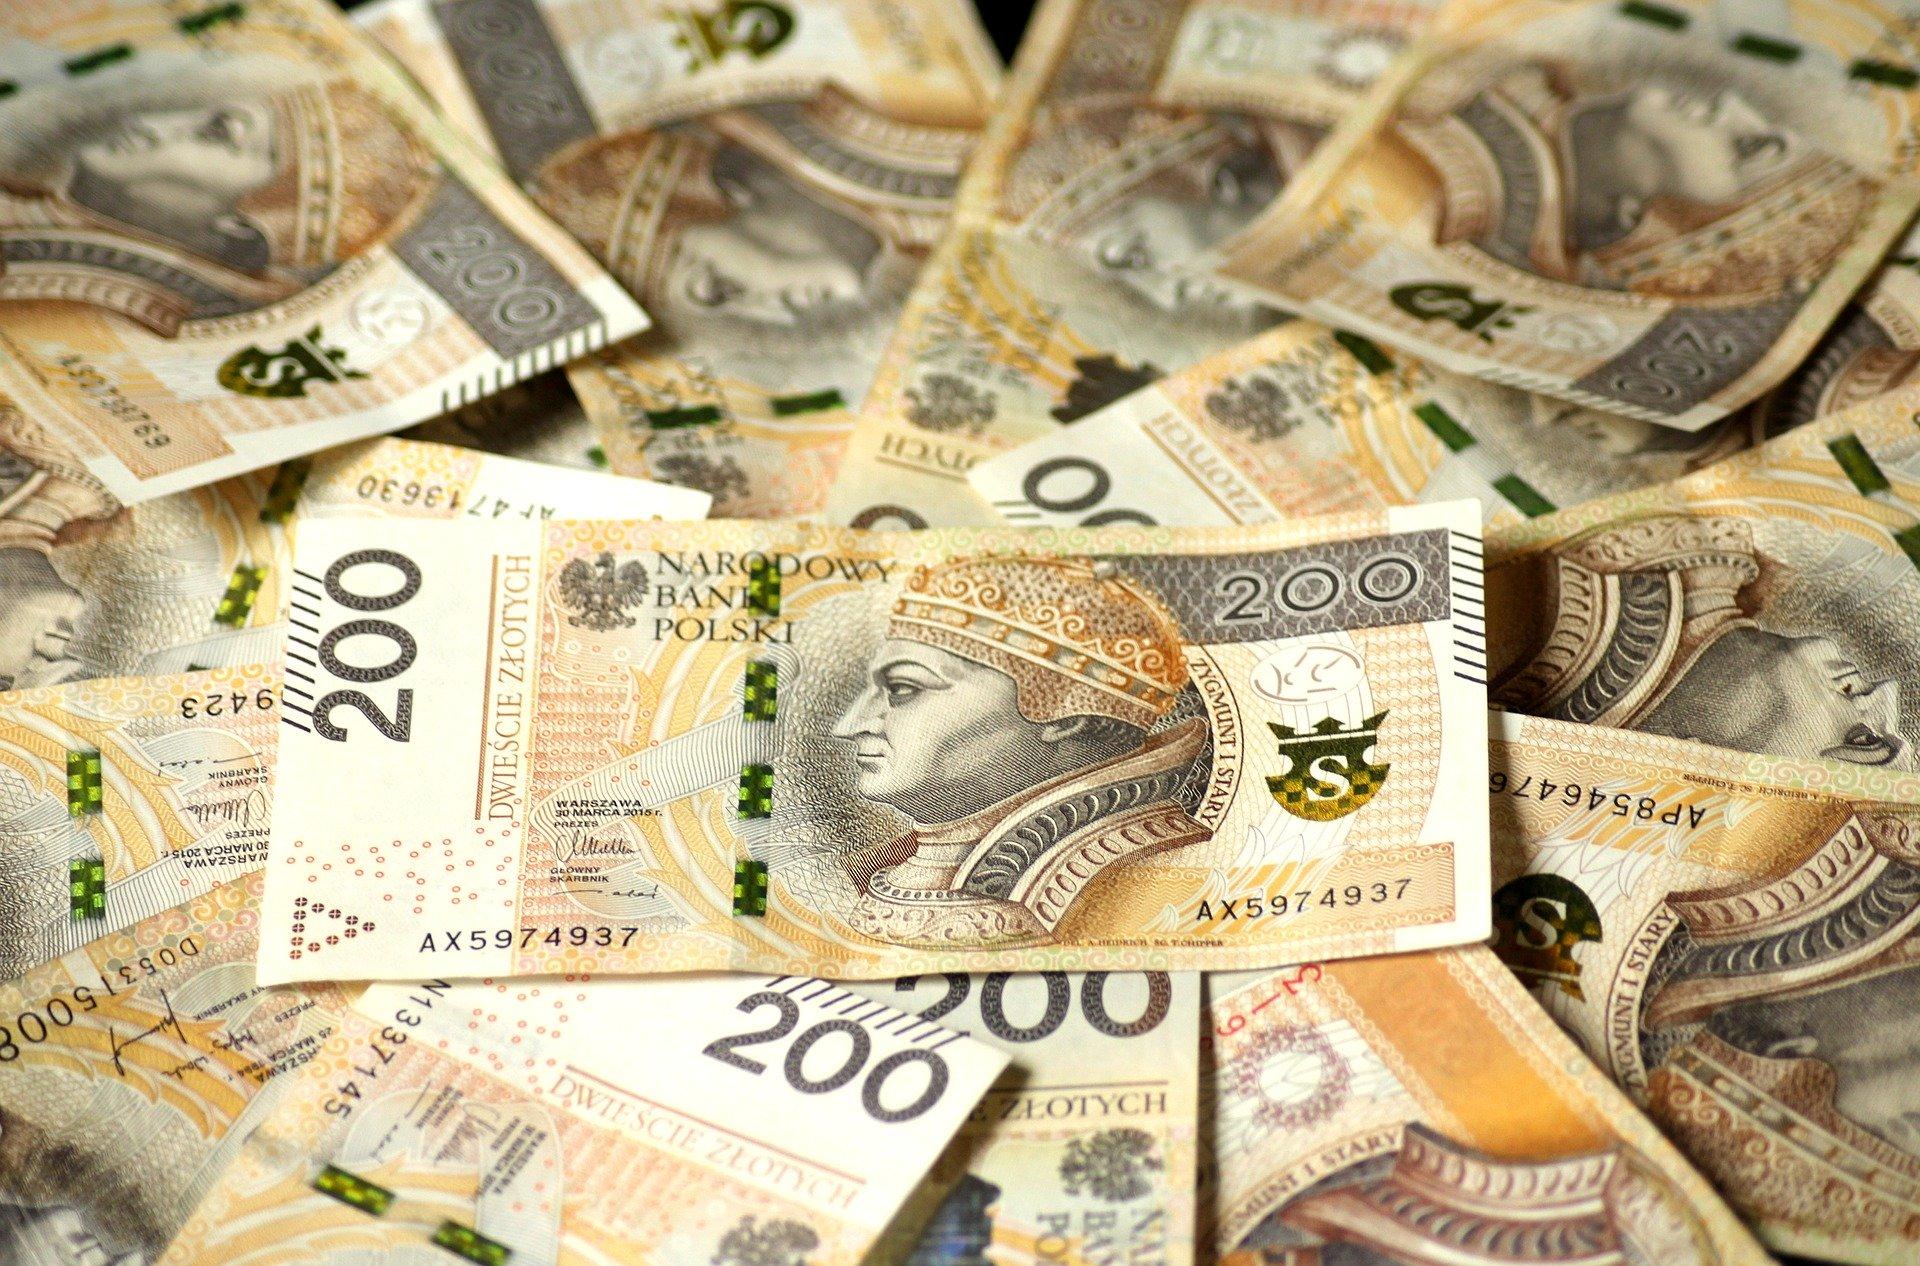 Wyrzuciła przez okno 70 tysięcy złotych